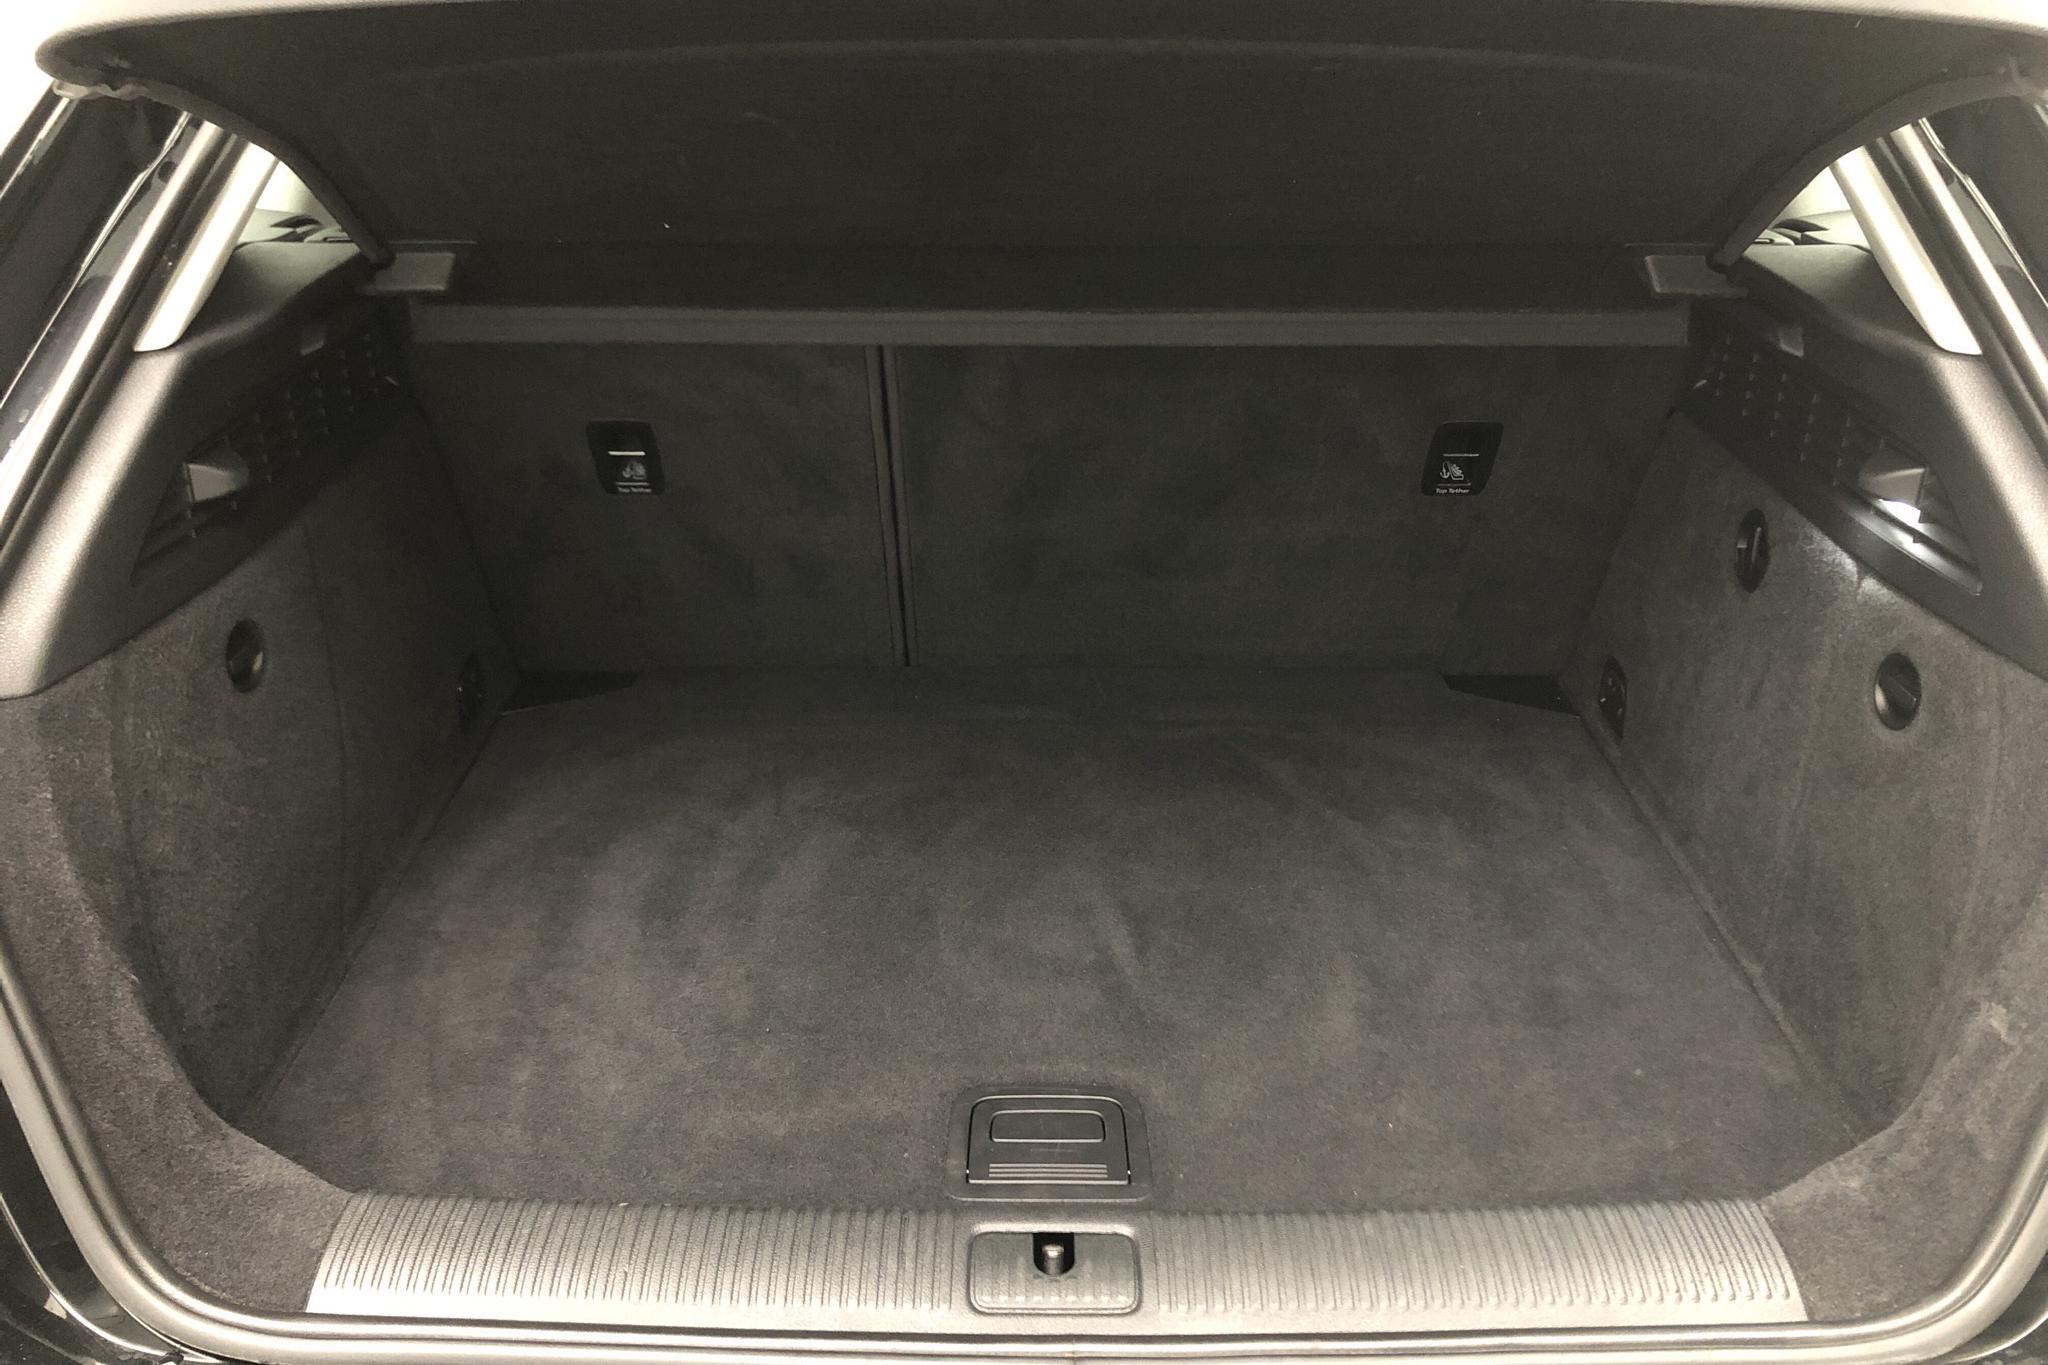 Audi A3 2.0 TDI Sportback quattro (150hk) - 9 993 mil - Manuell - svart - 2015